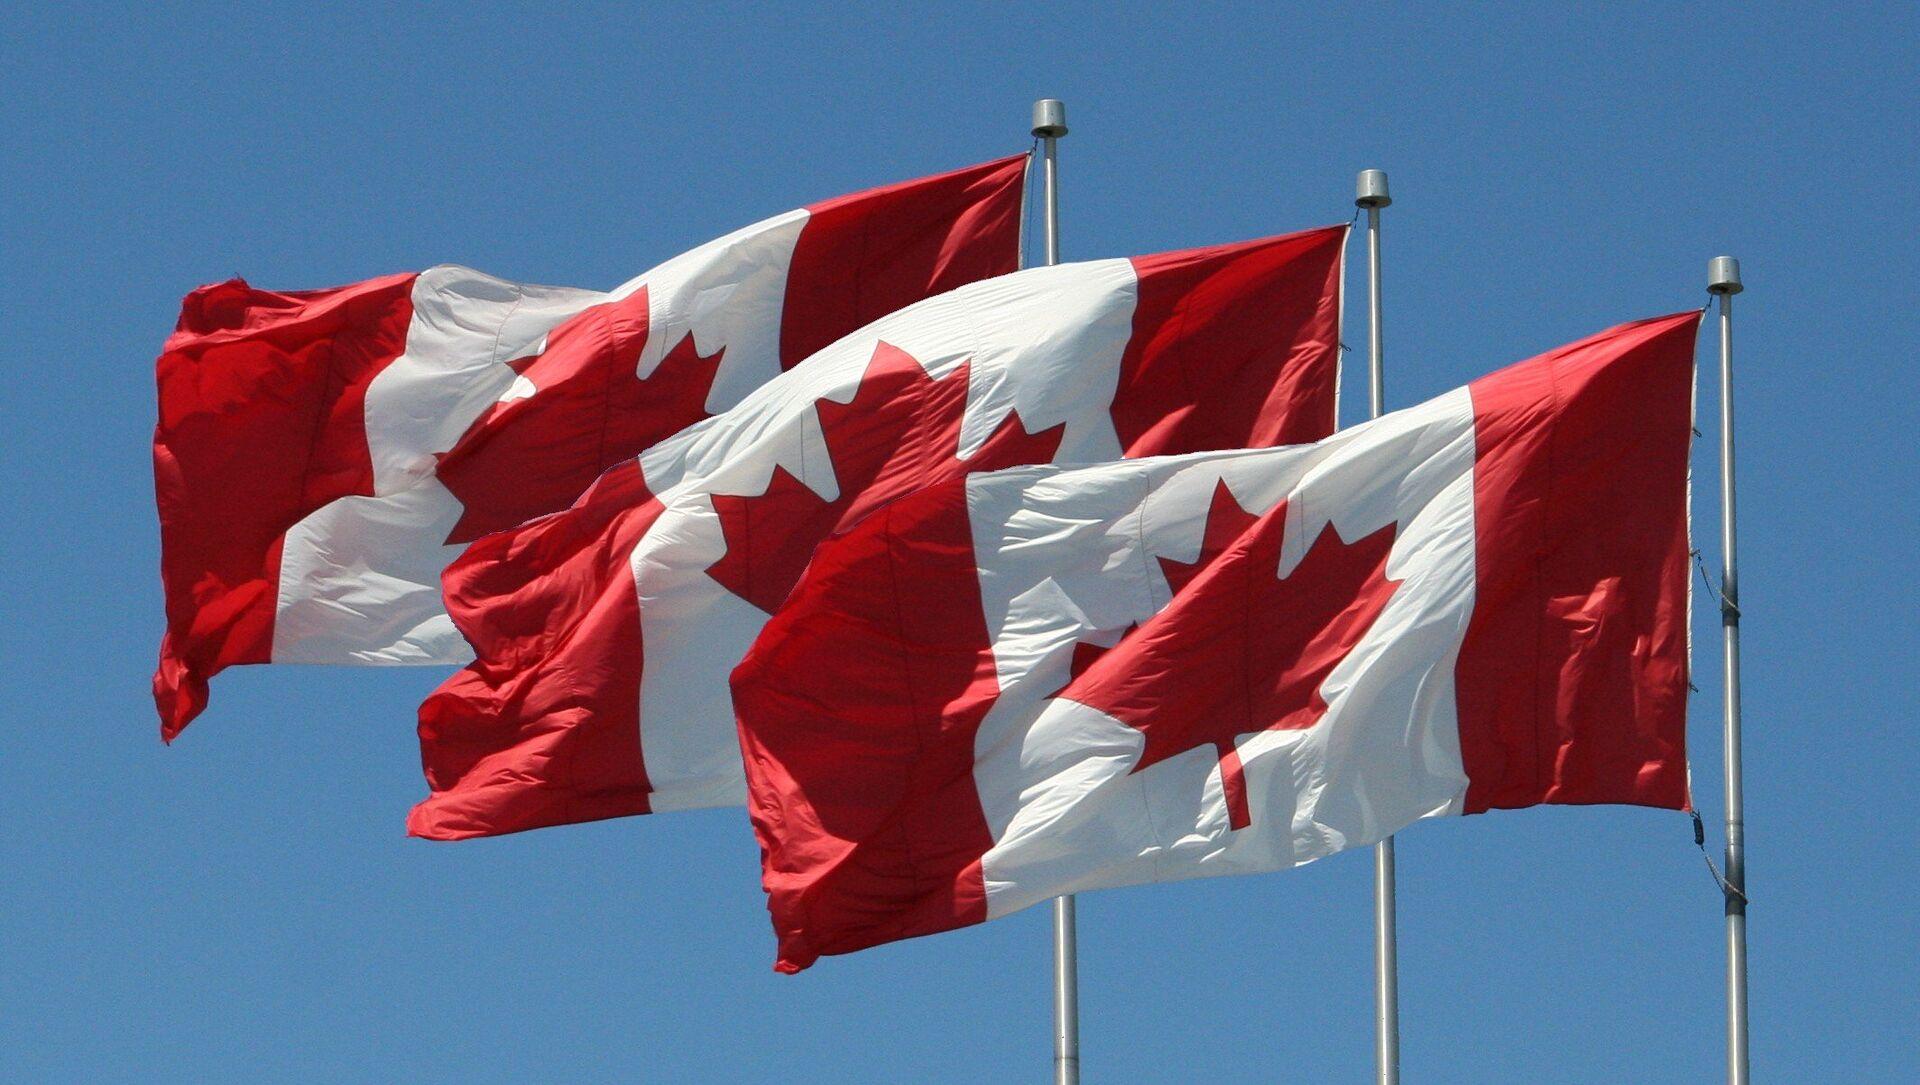 Vlajky Kanady - Sputnik Česká republika, 1920, 19.02.2021